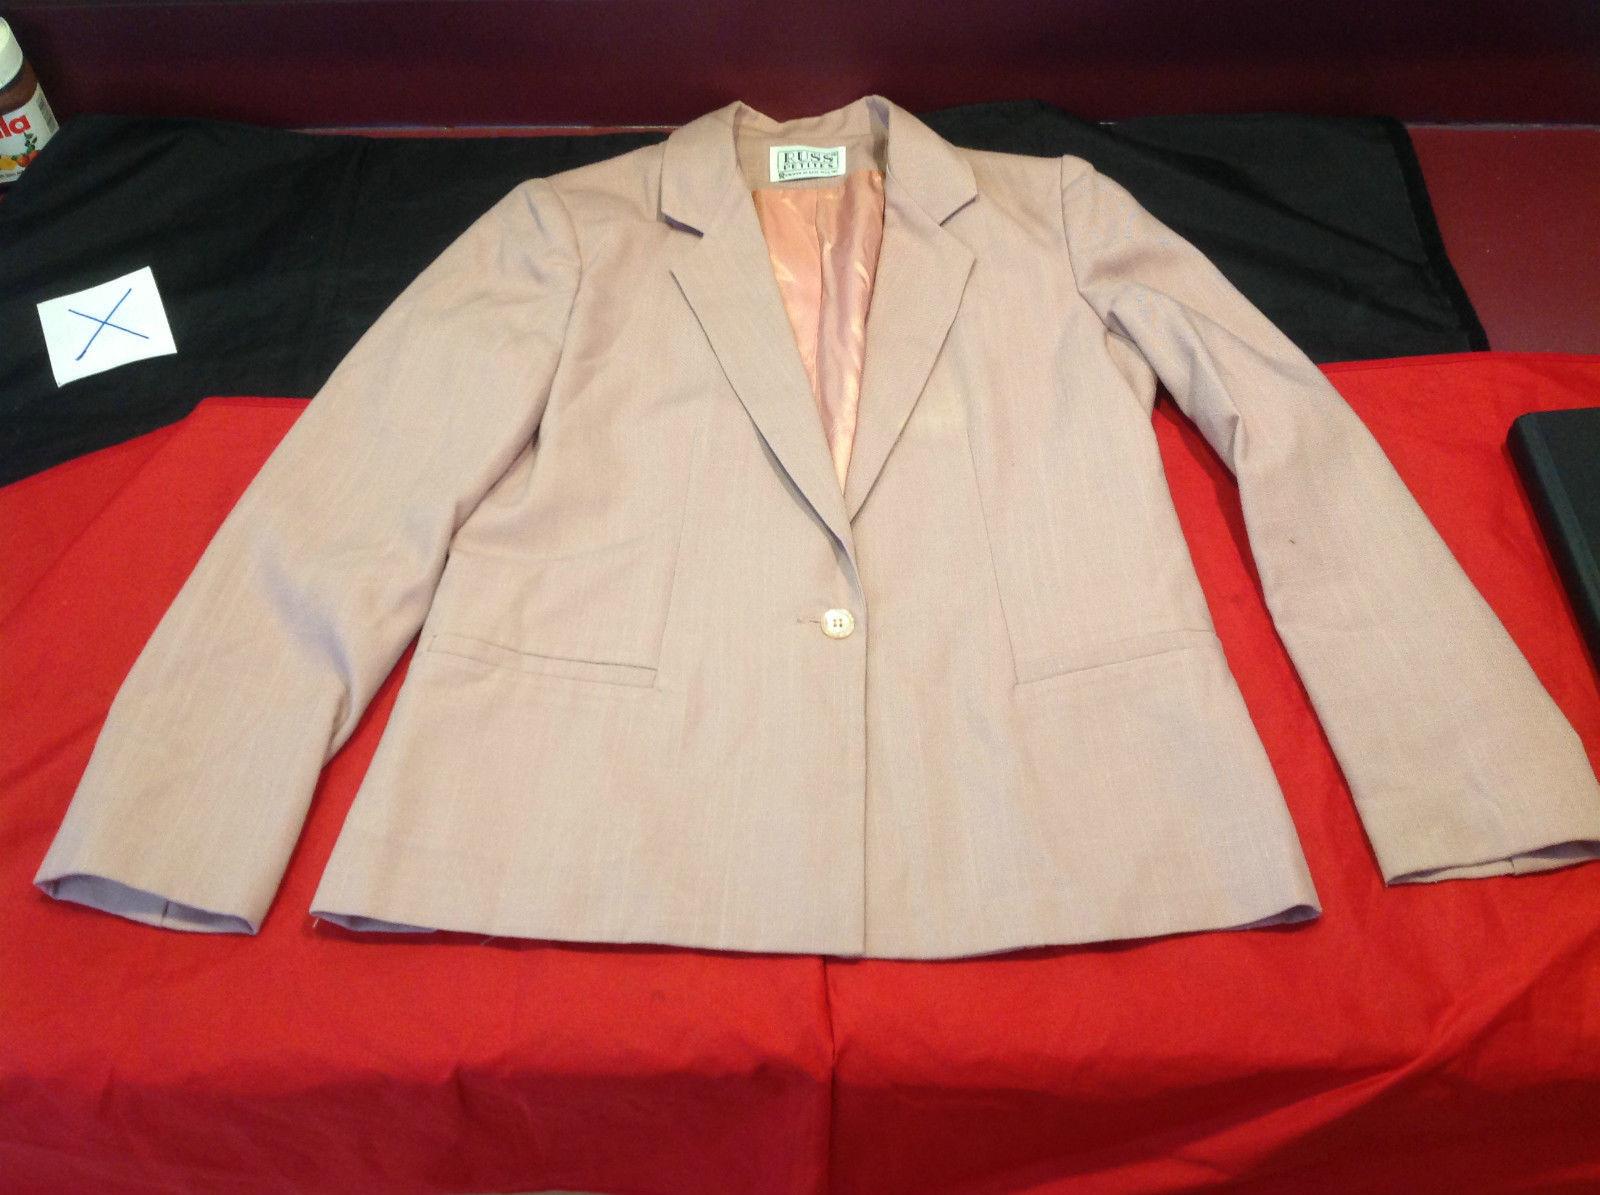 Russ Petites Blazer and Skirt Set Light Purple Blazer 19 Inch W Skirt 12 Inch W